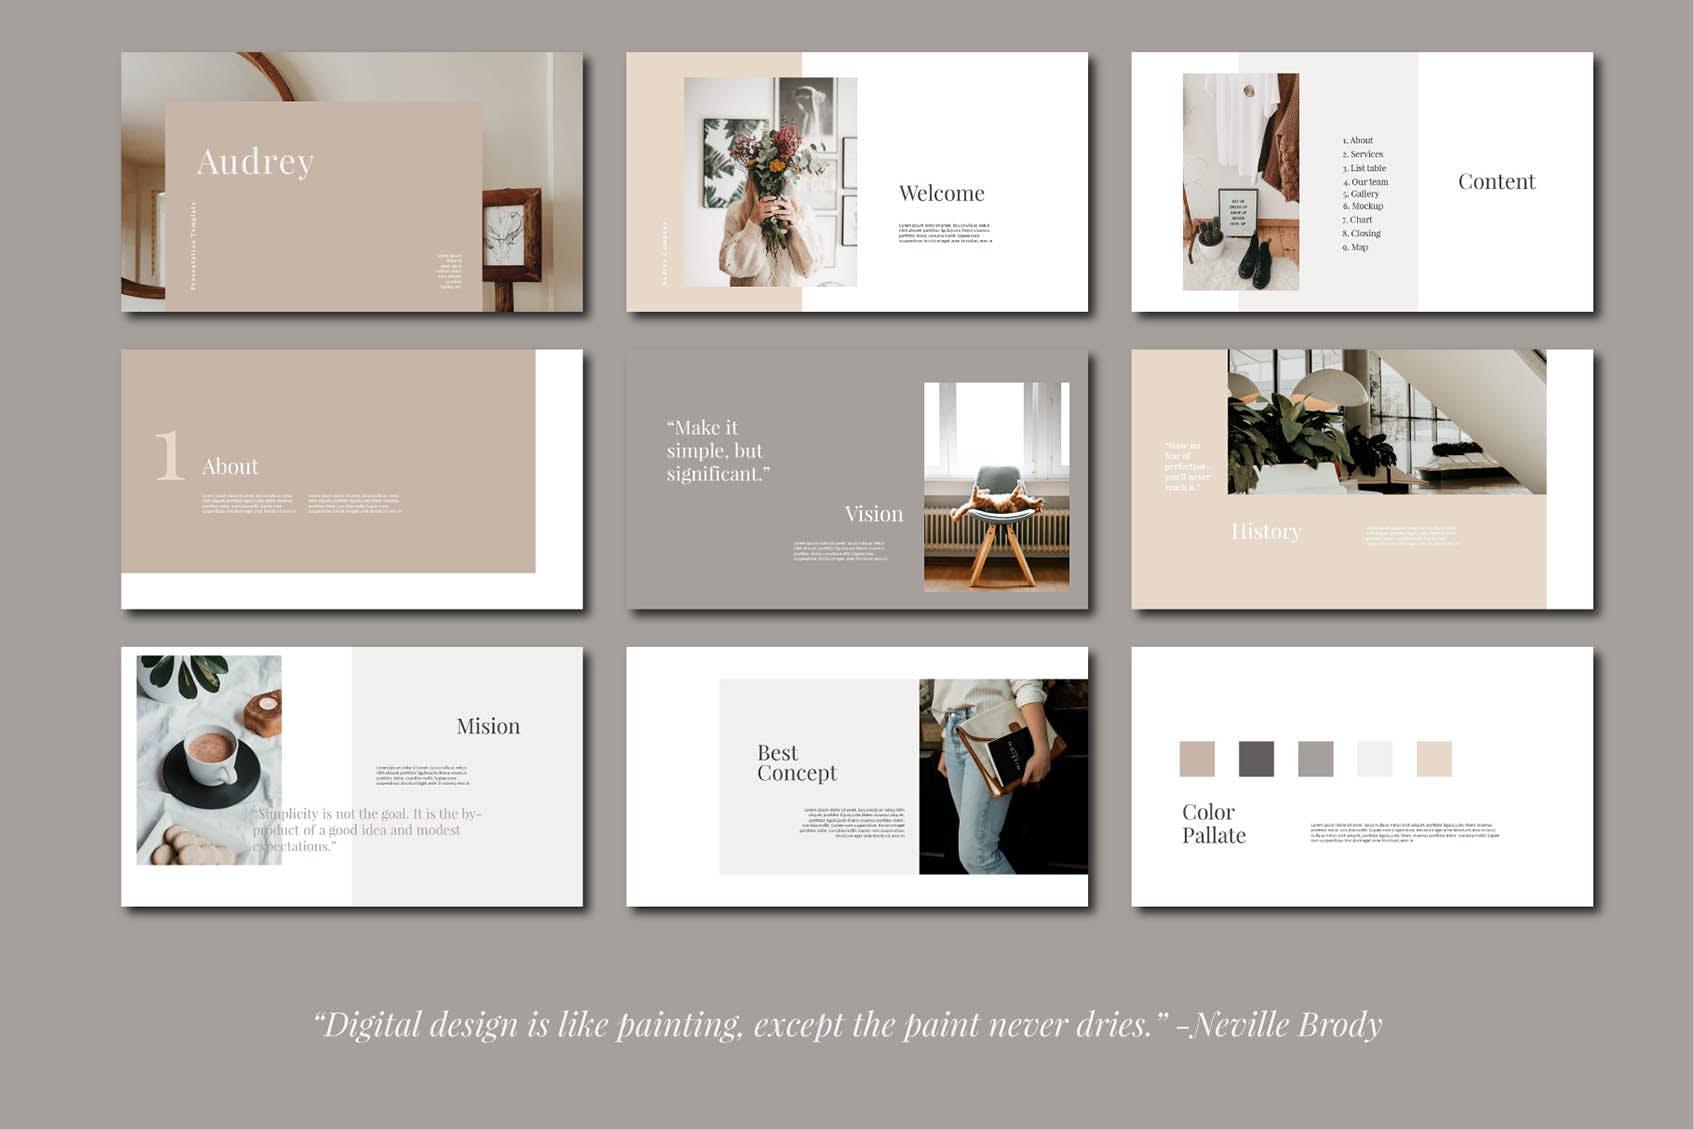 时尚简约摄影作品集图文排版设计演示文稿模板 Audrey – Powerpoint Template插图(3)